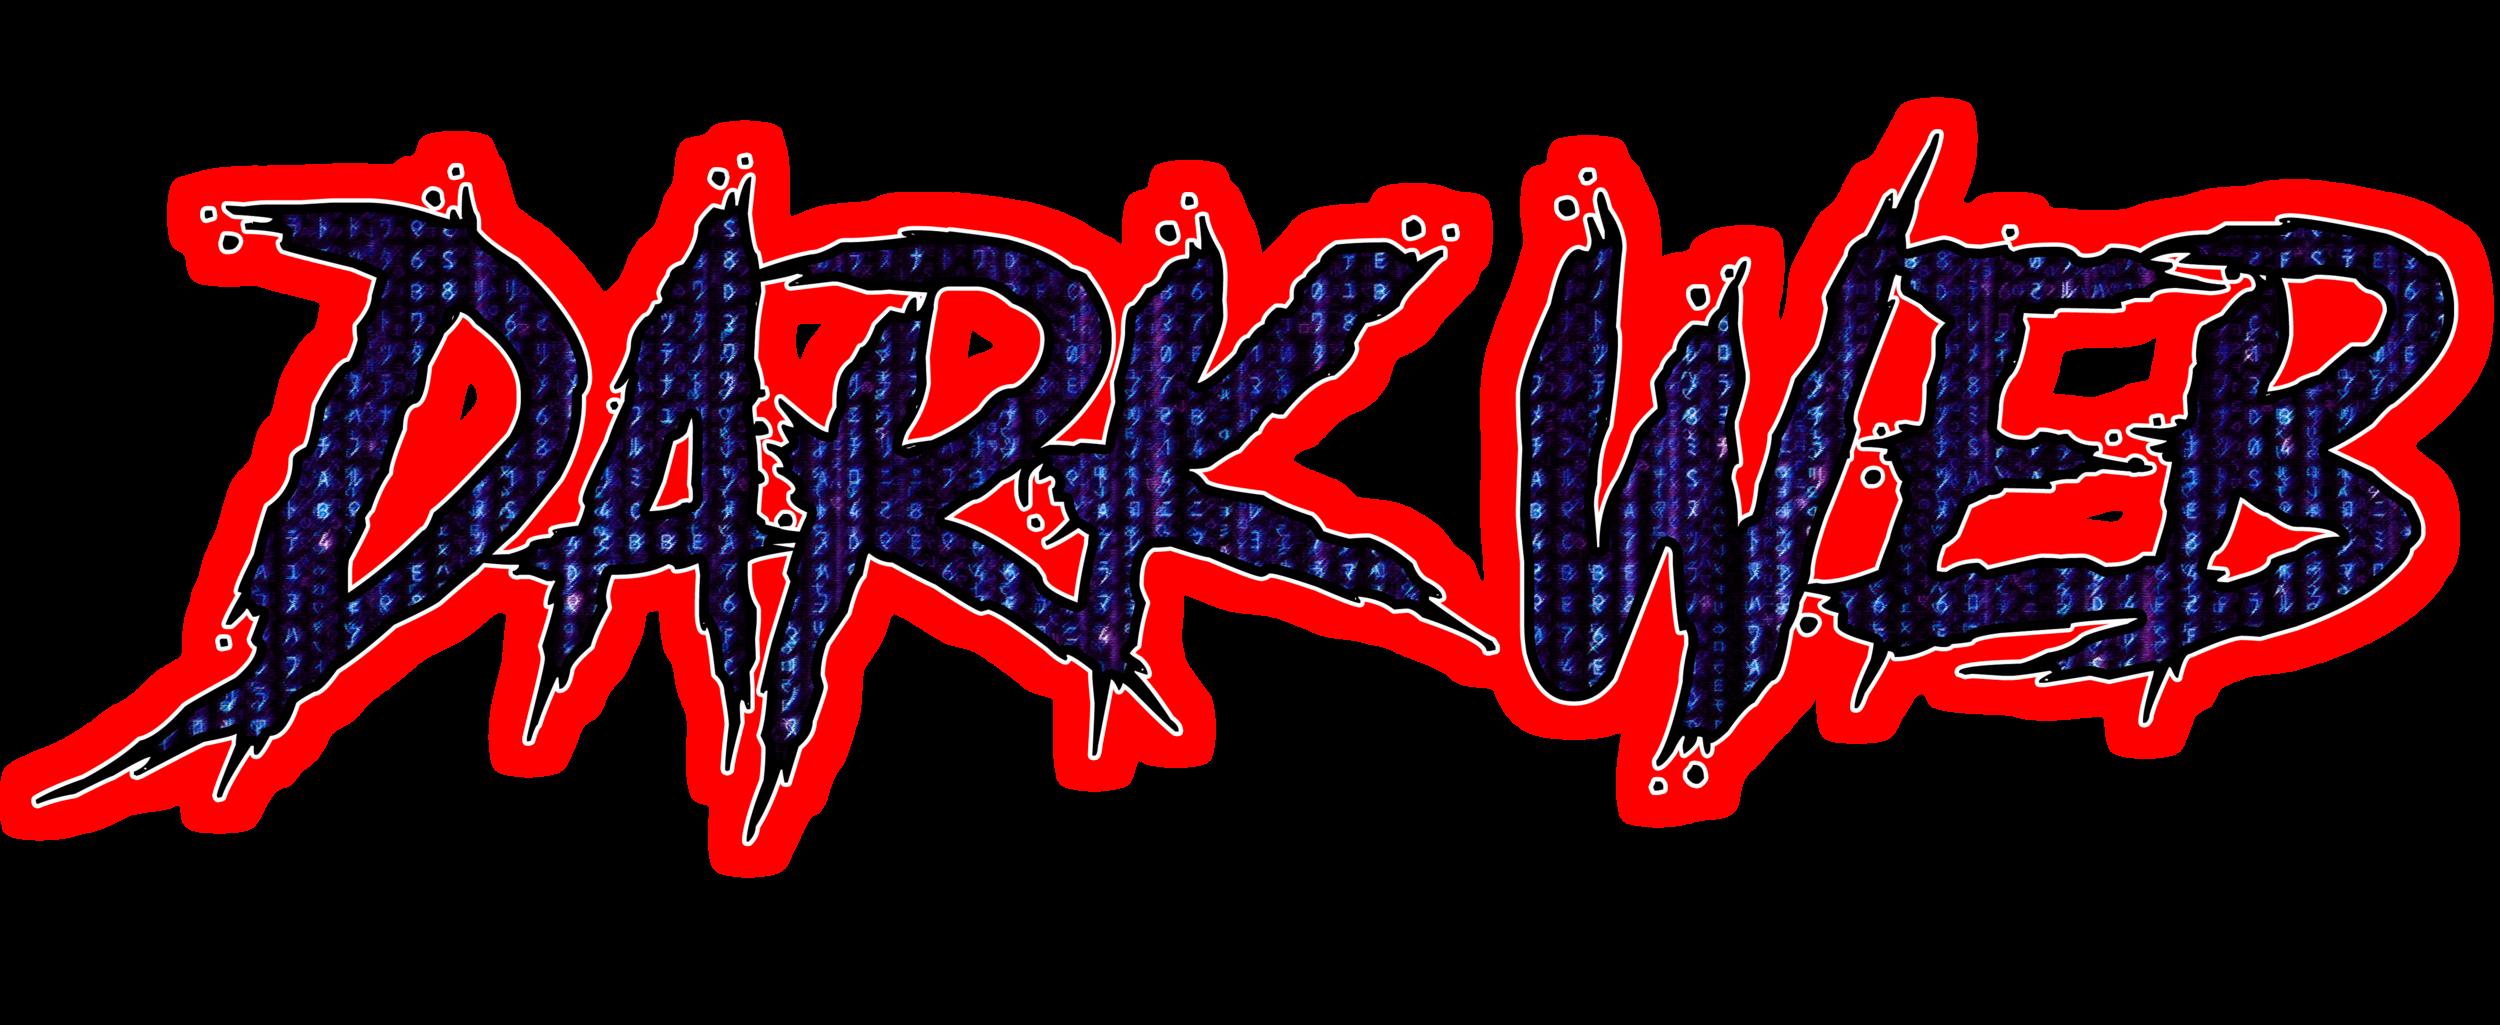 Dark web logo.png